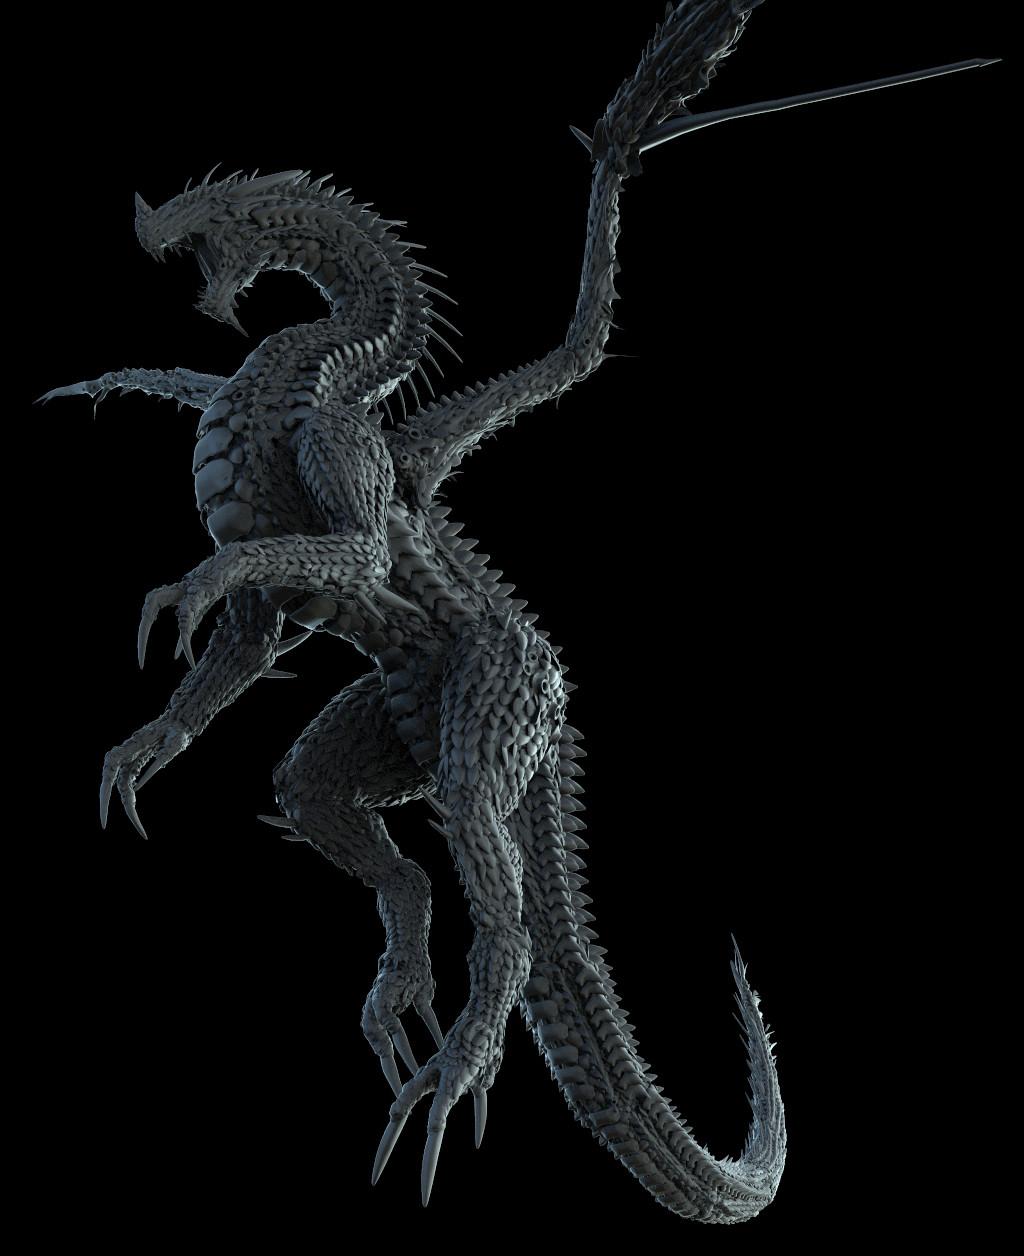 Tek tan dragon 2 539